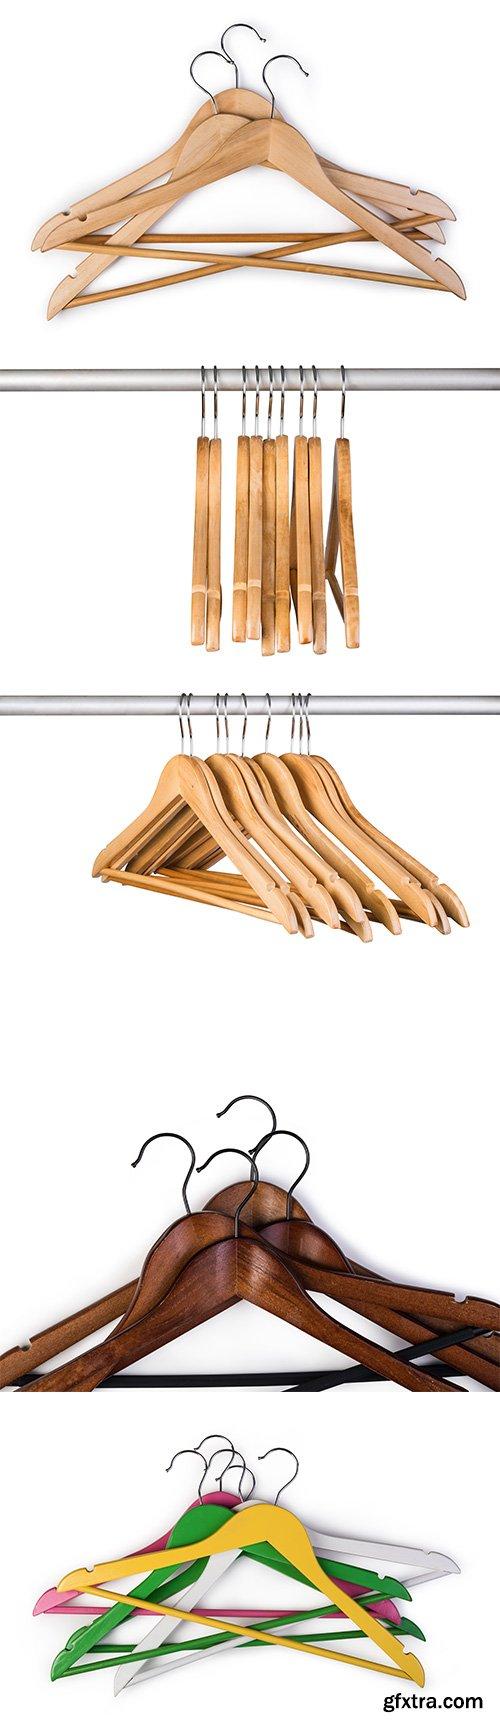 Hanger Isolated - 10xJPGs